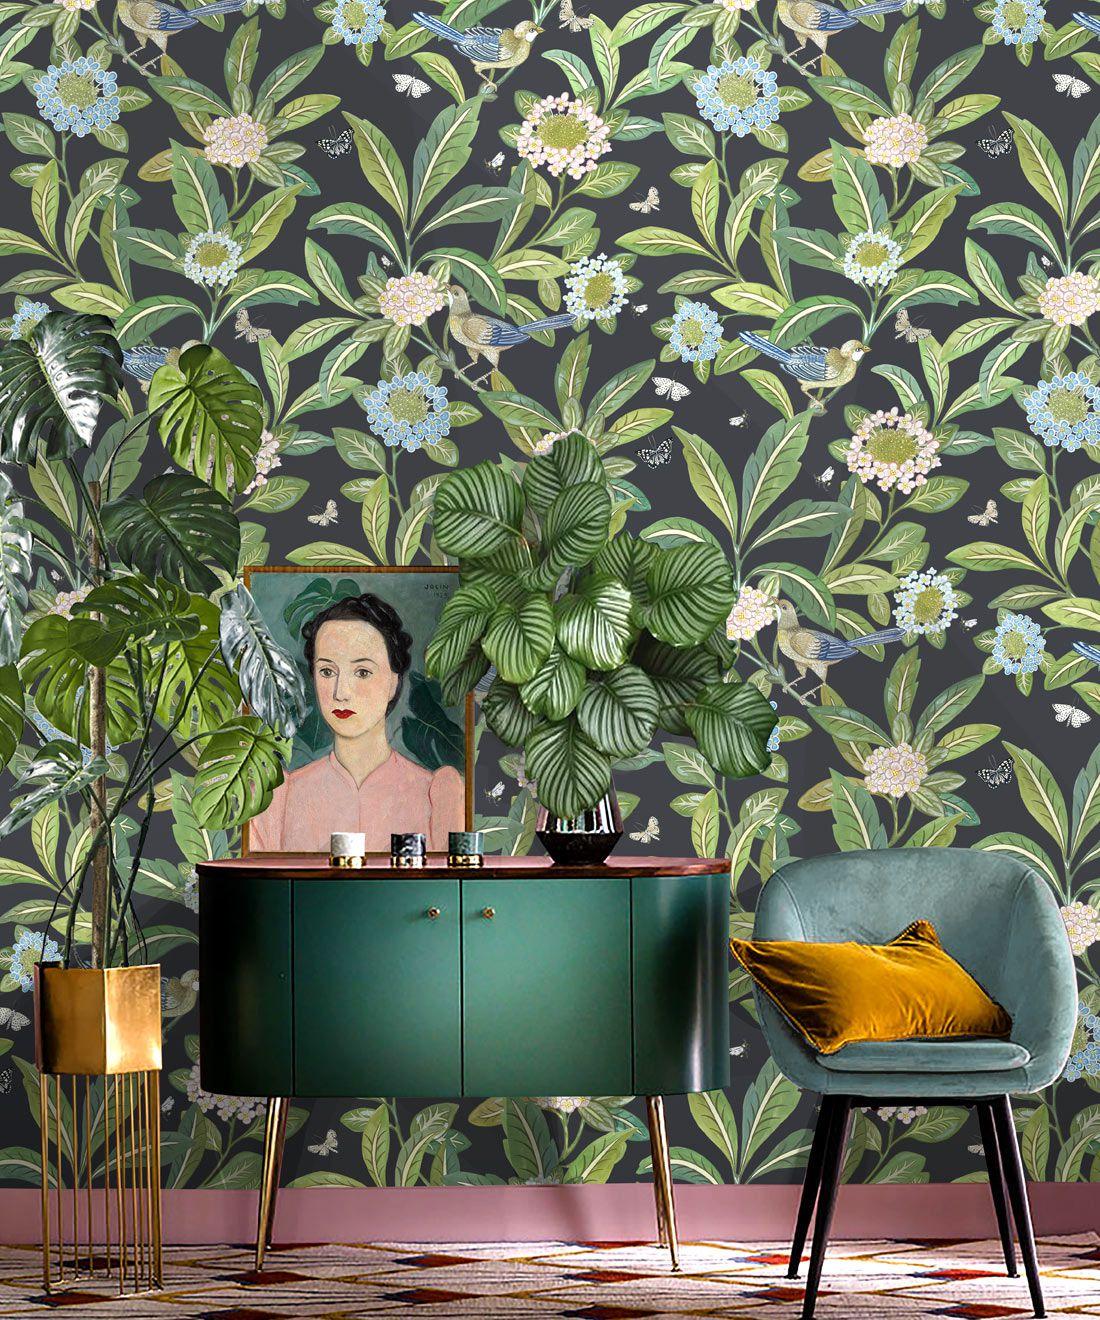 Summer Garden Wallpaper • Charcoal Wallpaper • Floral Wallpaper Insitu